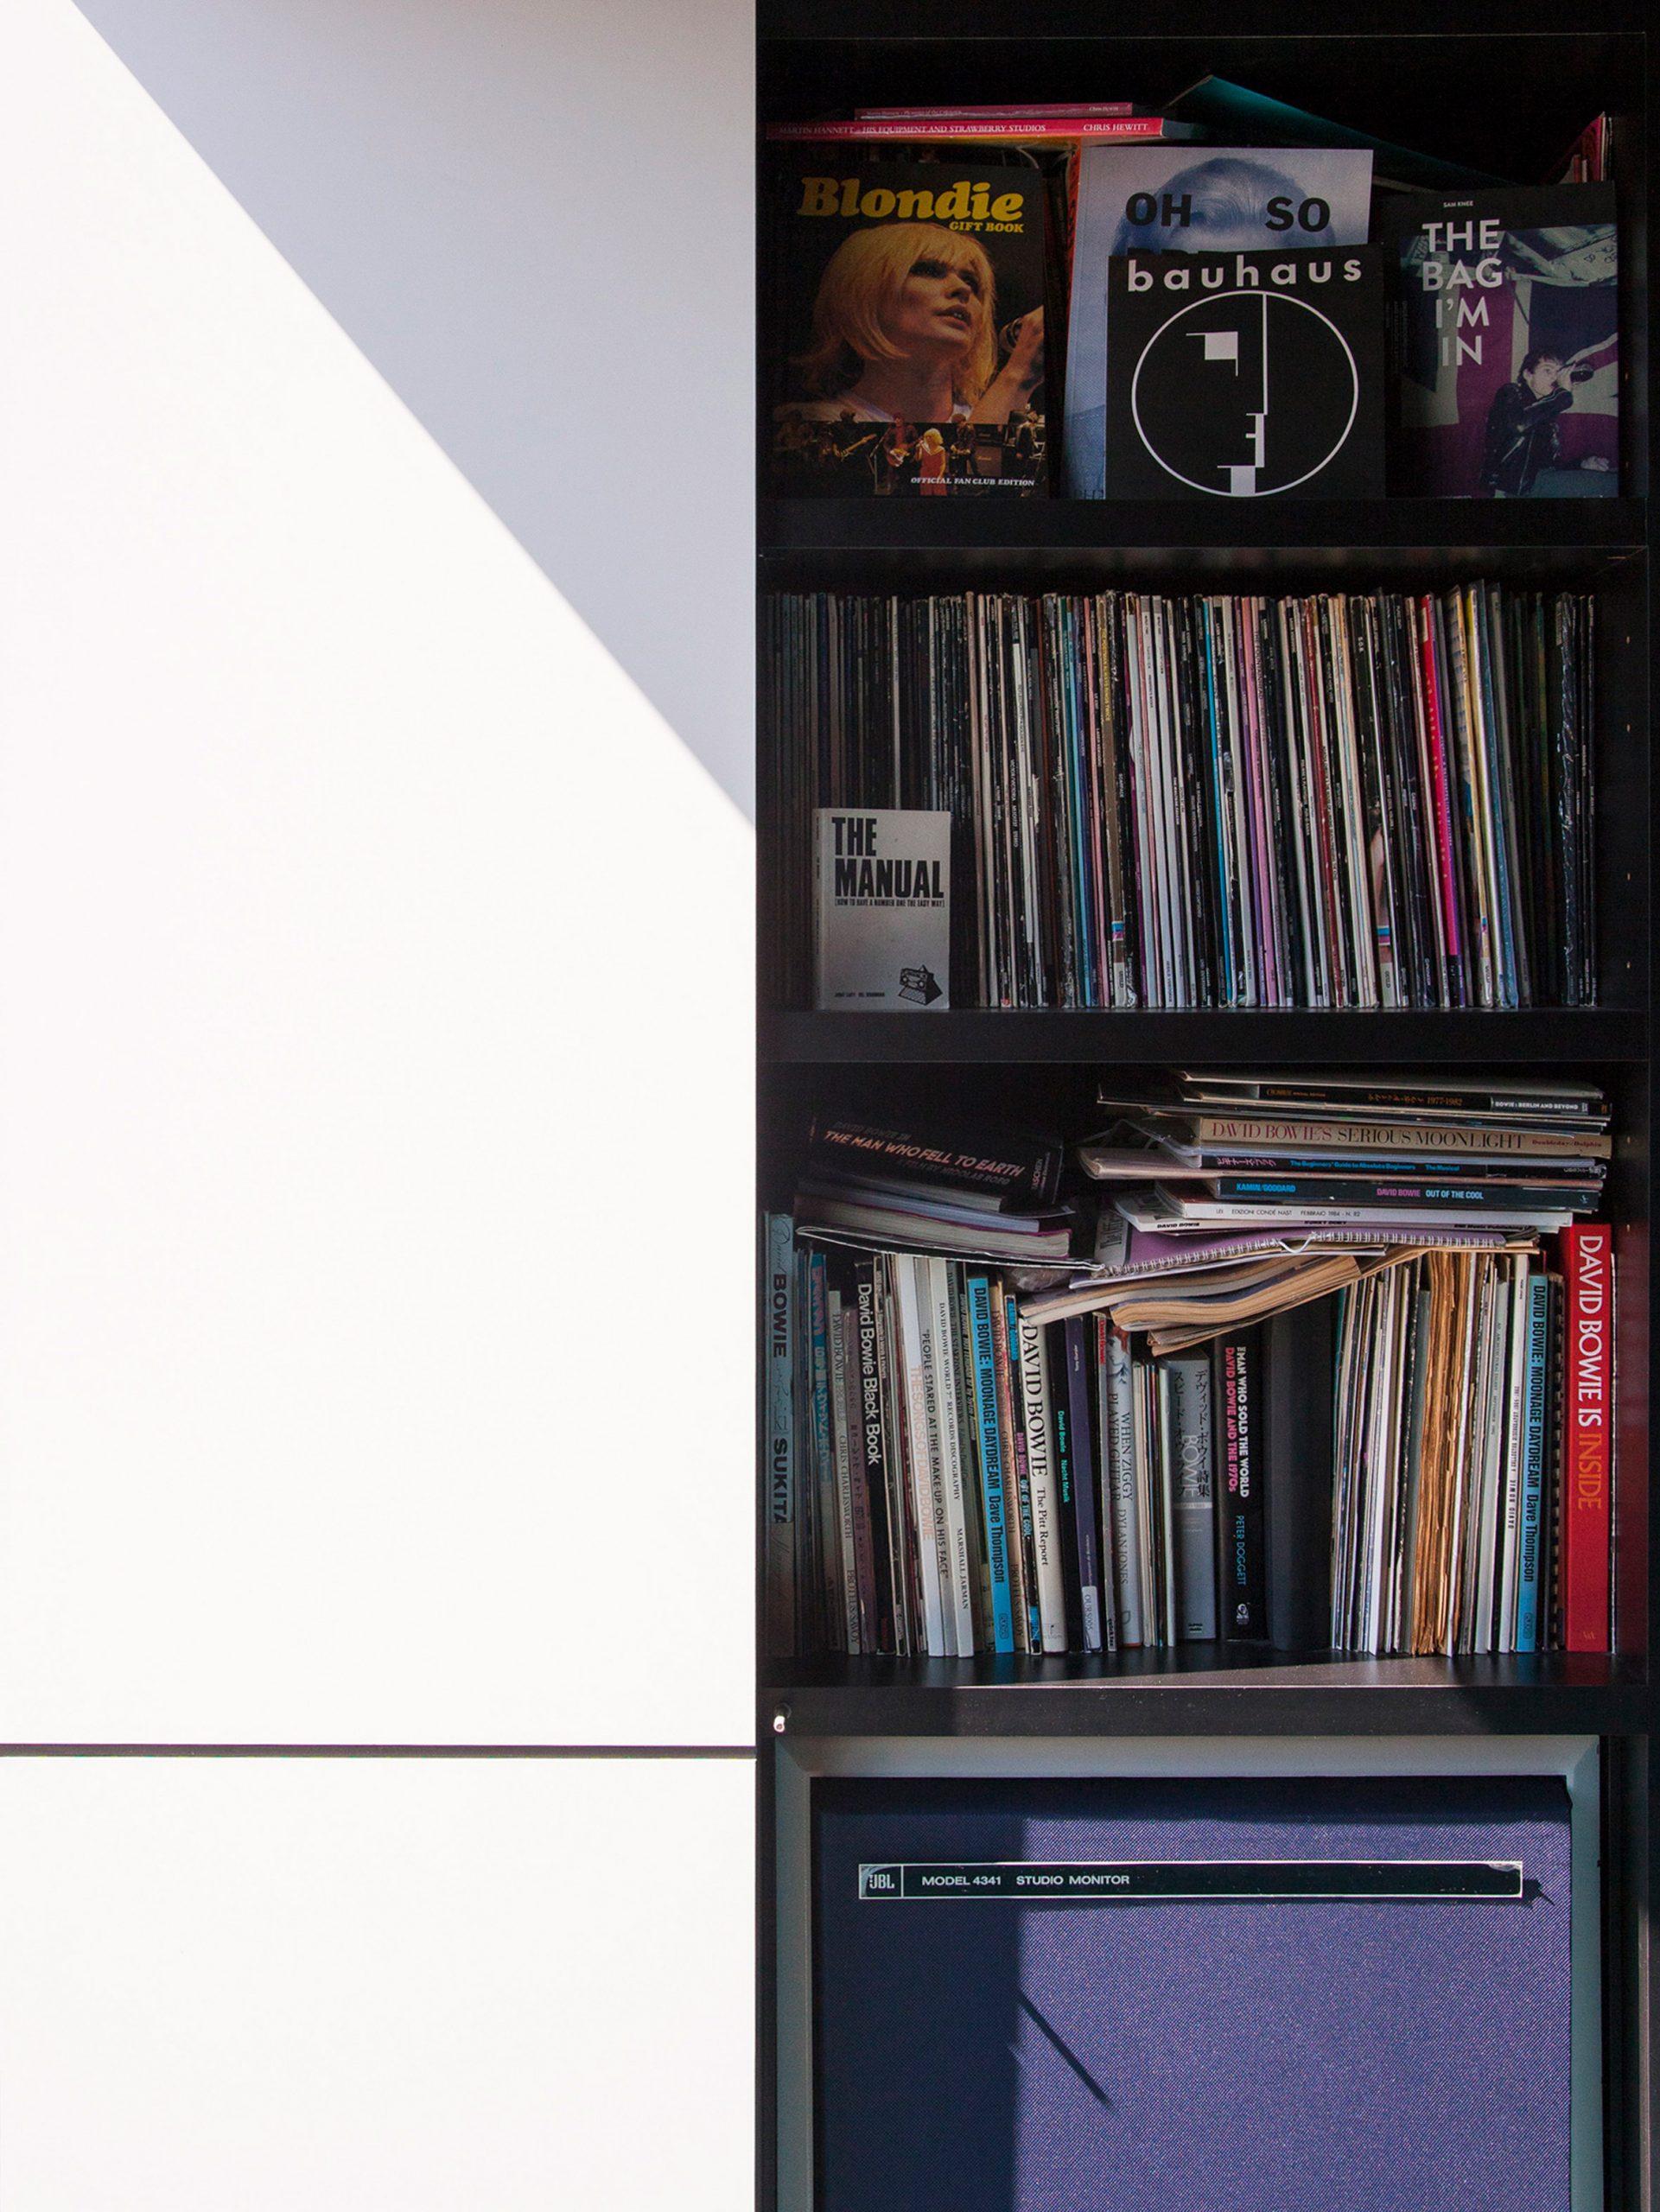 Vinyl collection in Deewee001 studio